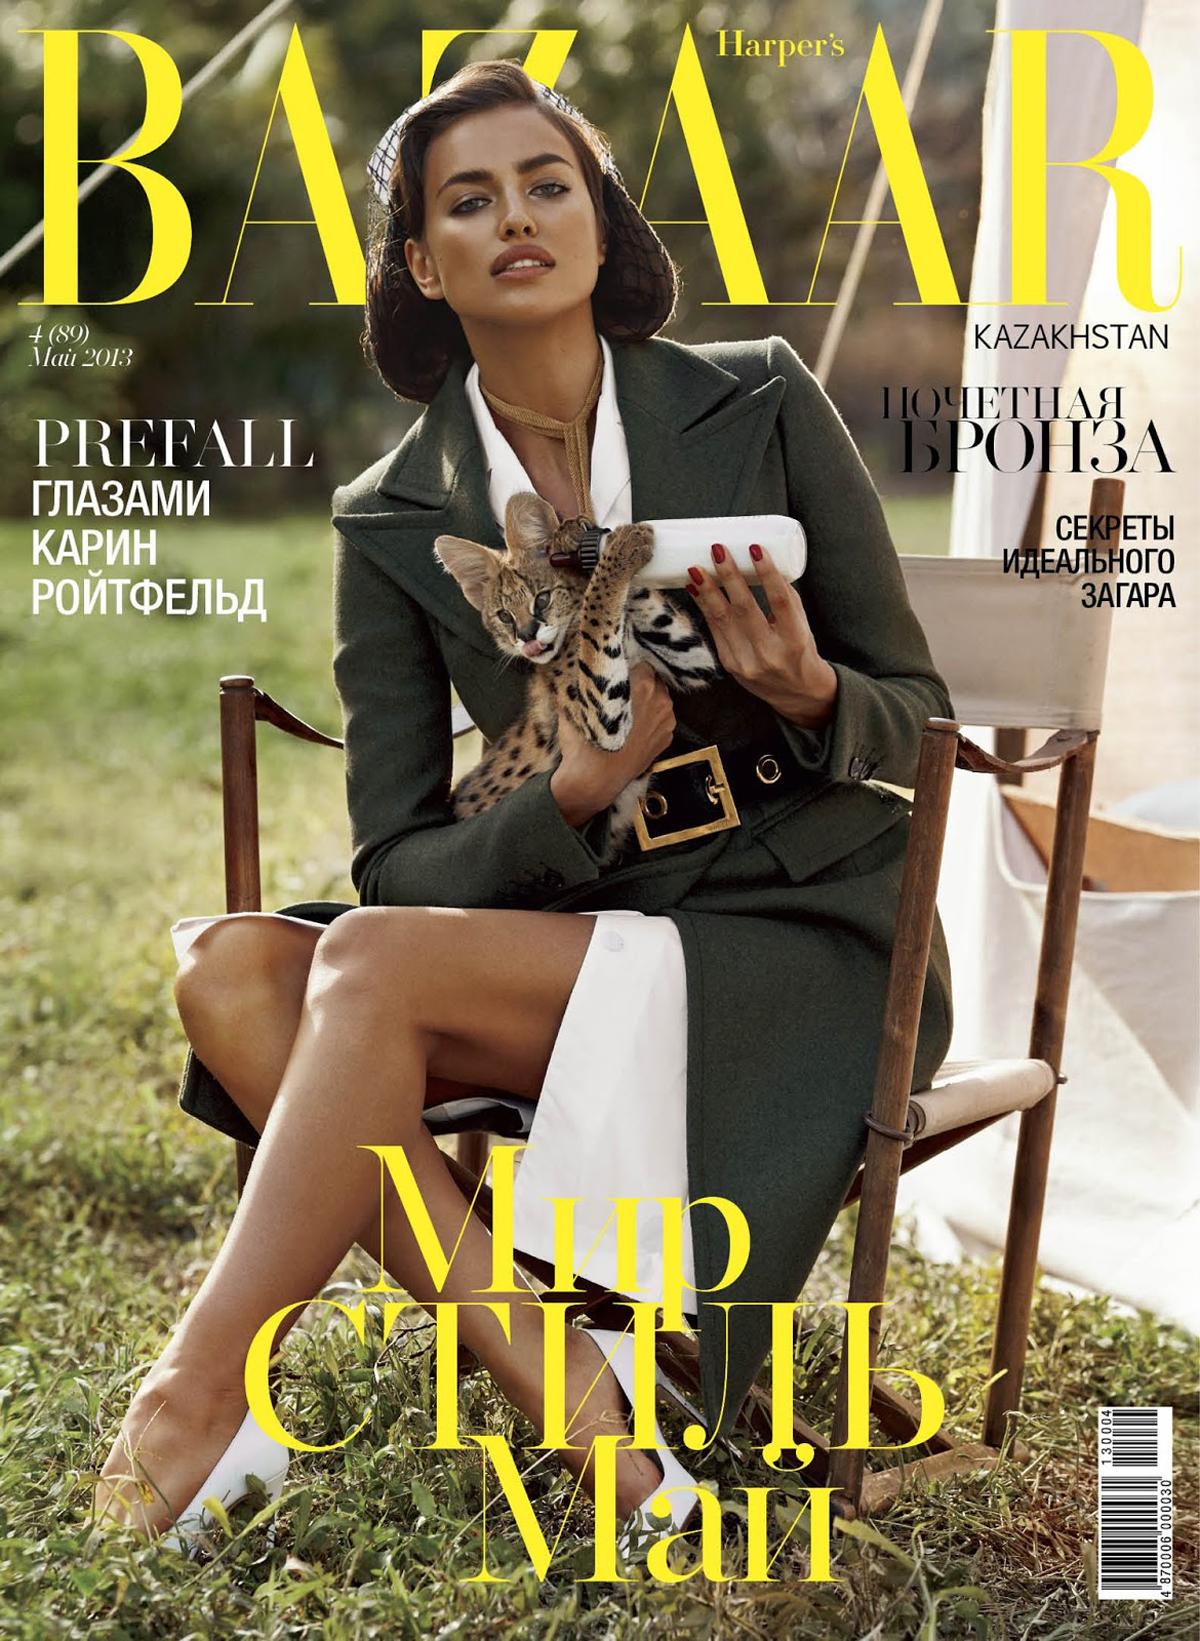 Harper's Bazaar Kazakhstan, May 2013